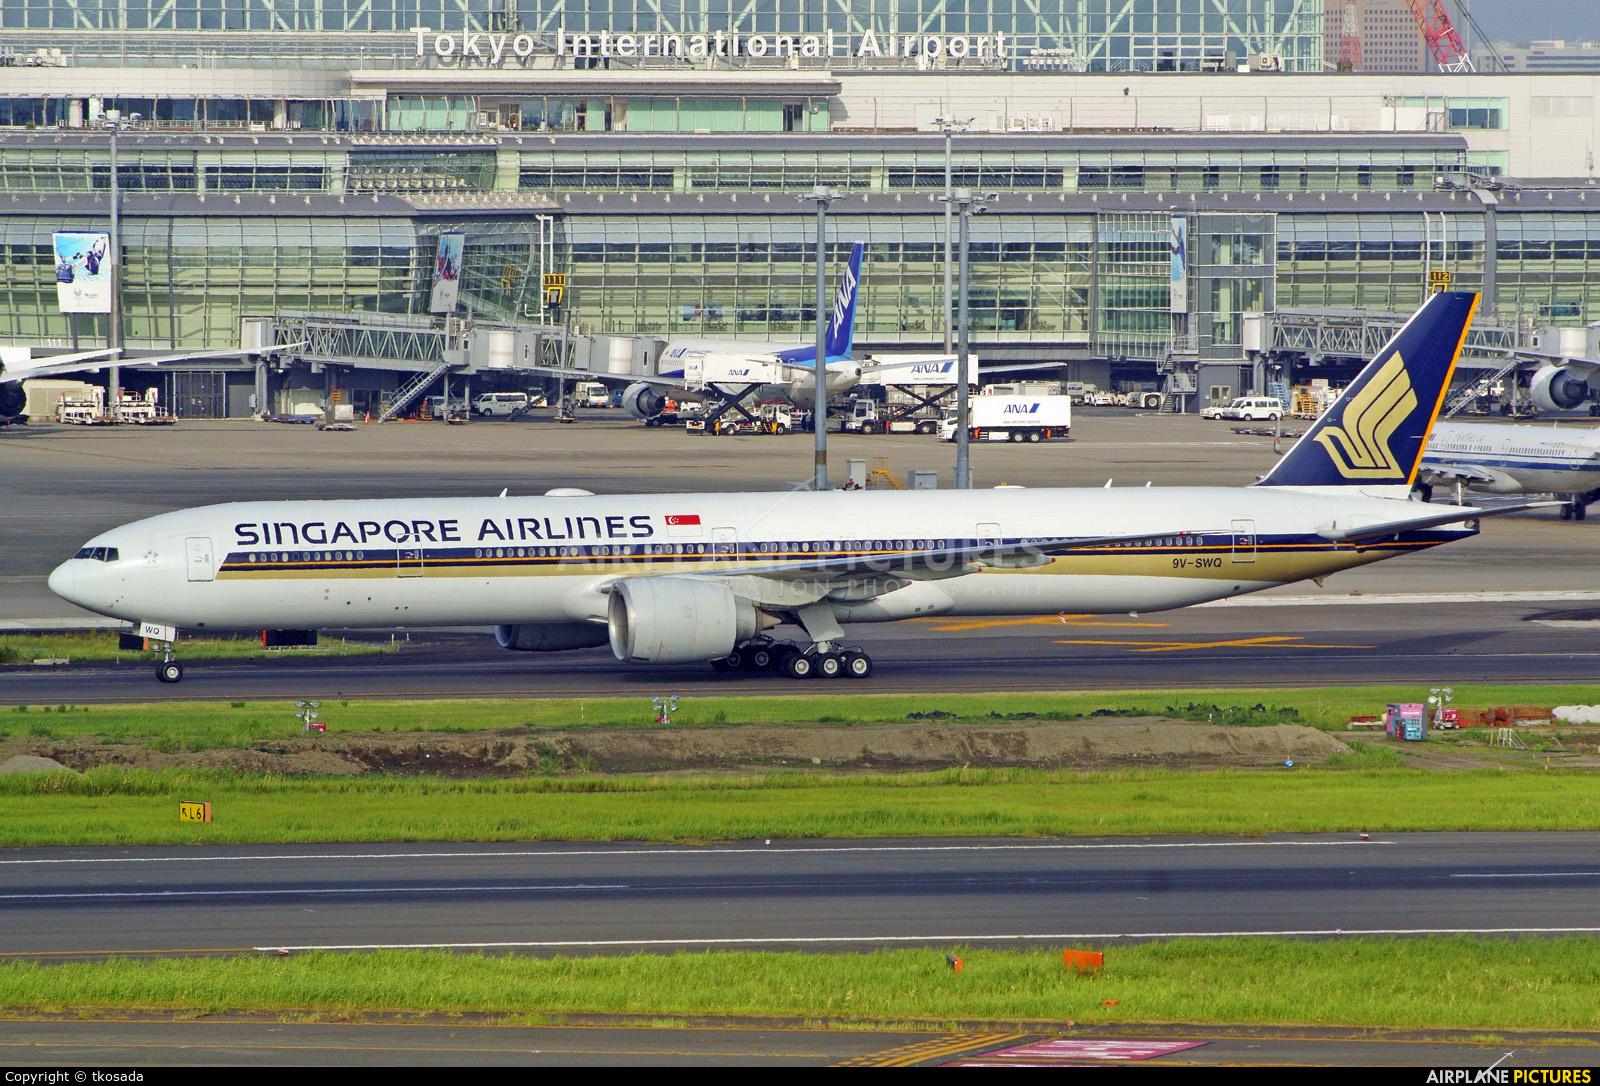 Singapore Airlines 9V-SWQ aircraft at Tokyo - Haneda Intl